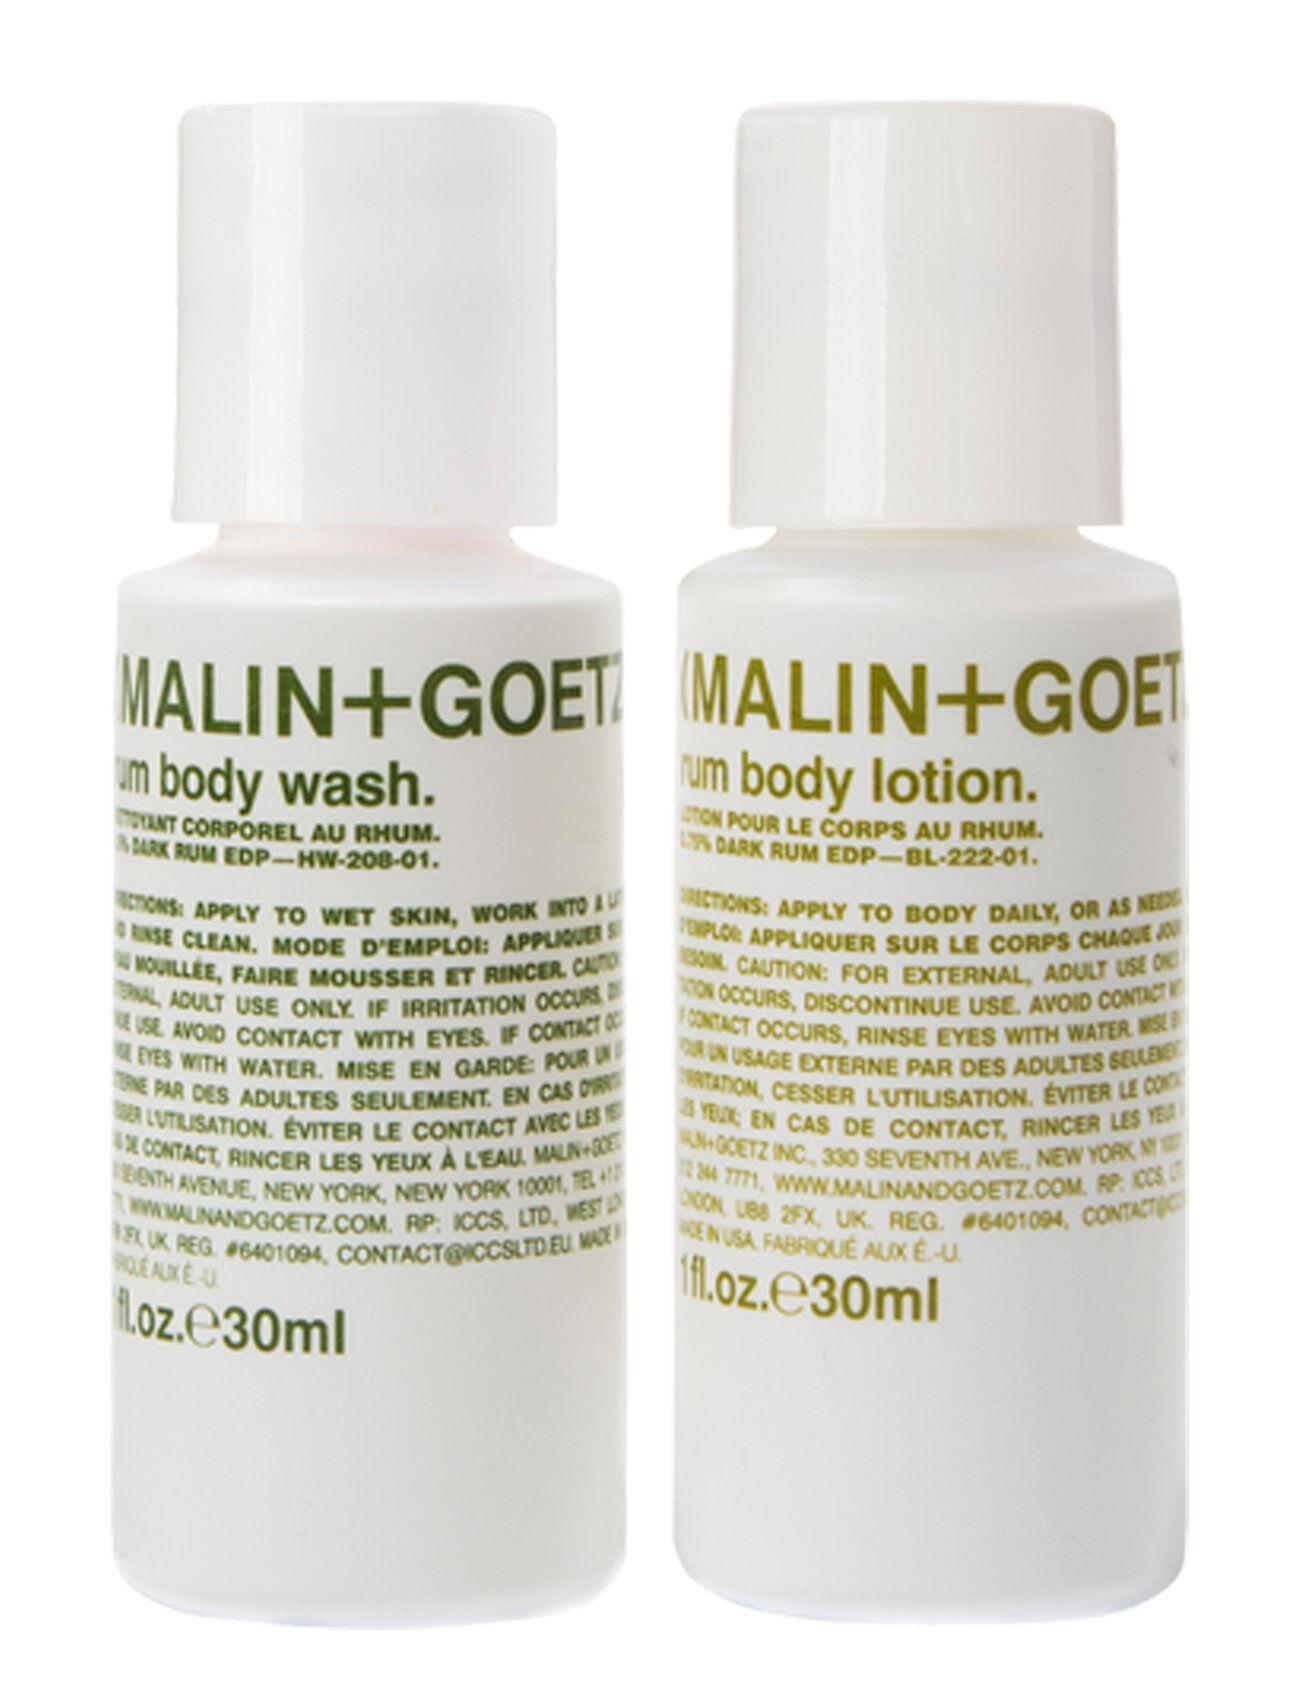 MALIN+GOETZ Rum Body Essentials Duo Kylpysetti Ihonhoito Nude MALIN+GOETZ